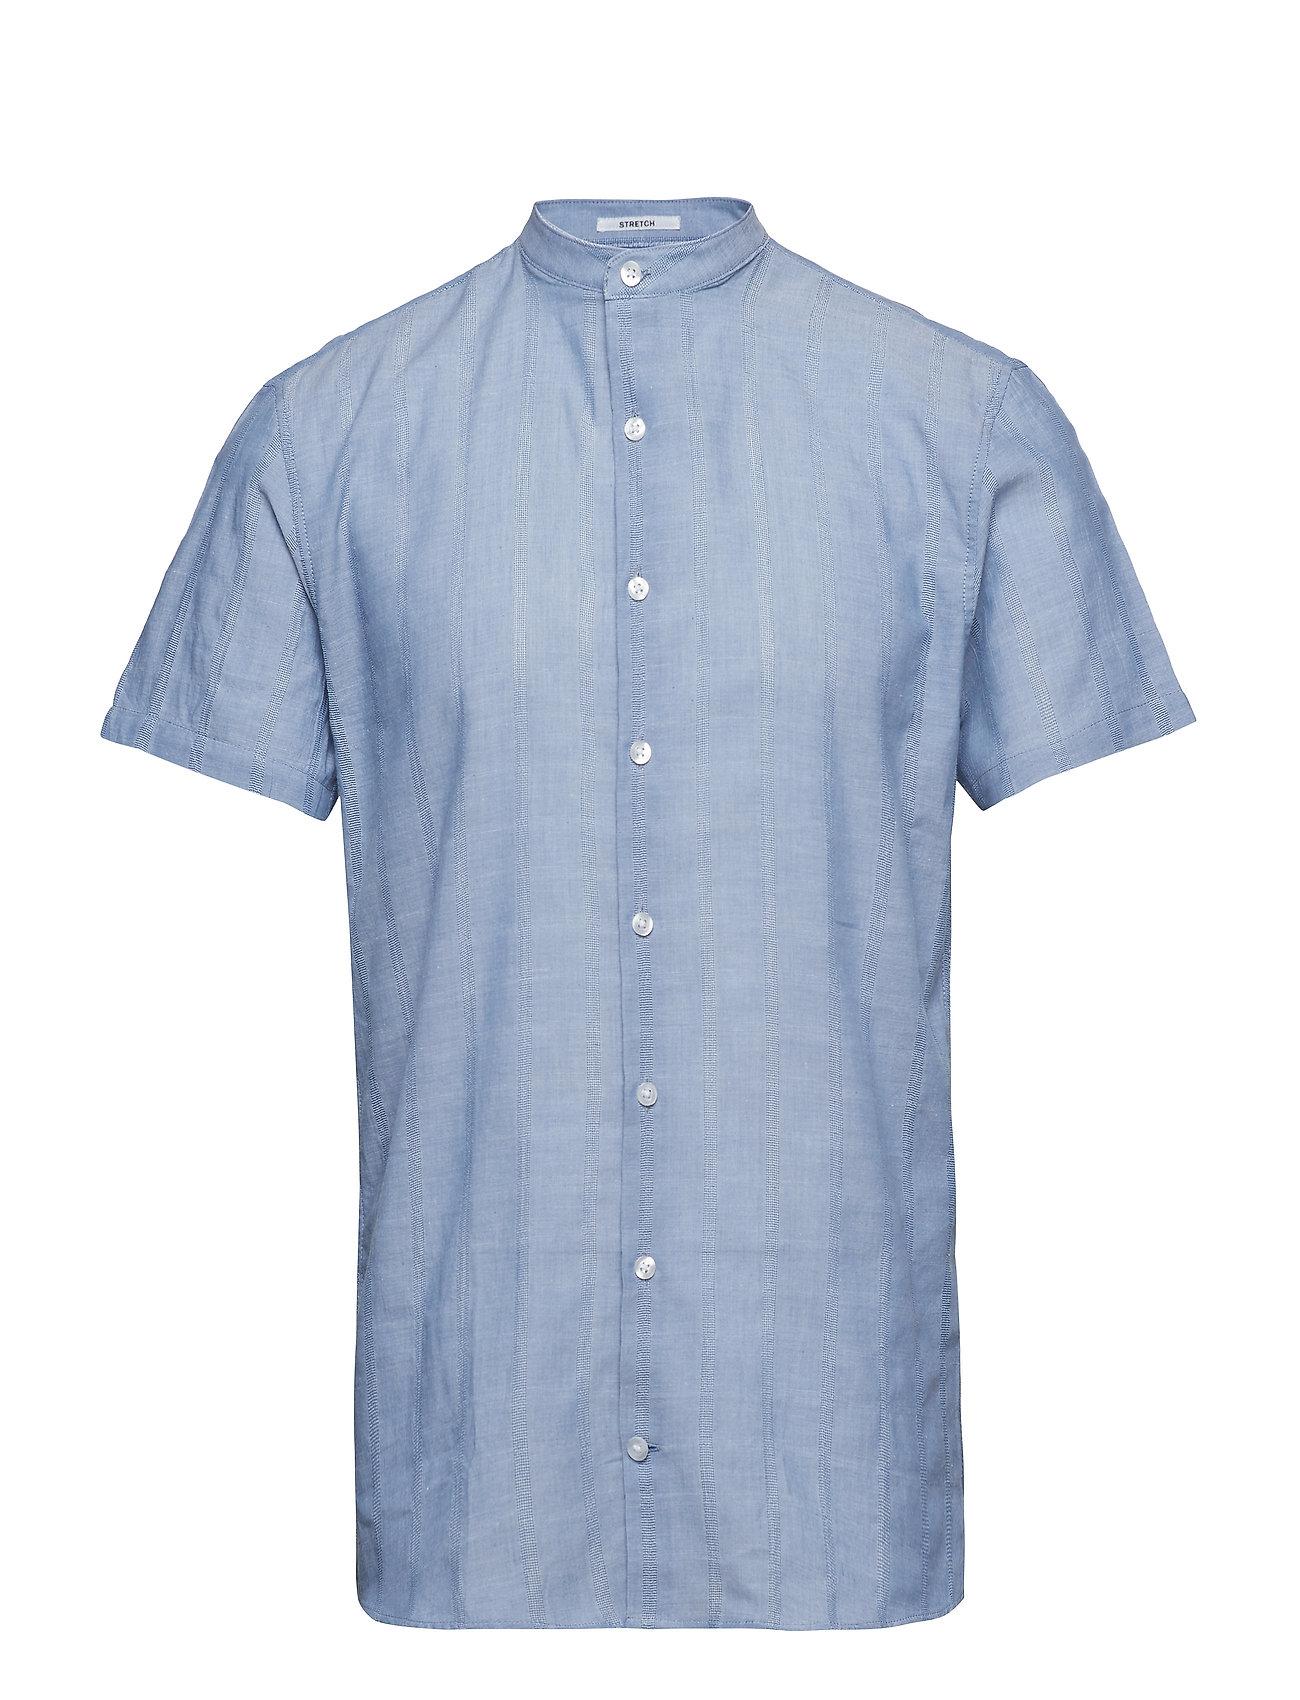 Lindbergh Structure mandarin shirt S/S - BLUE